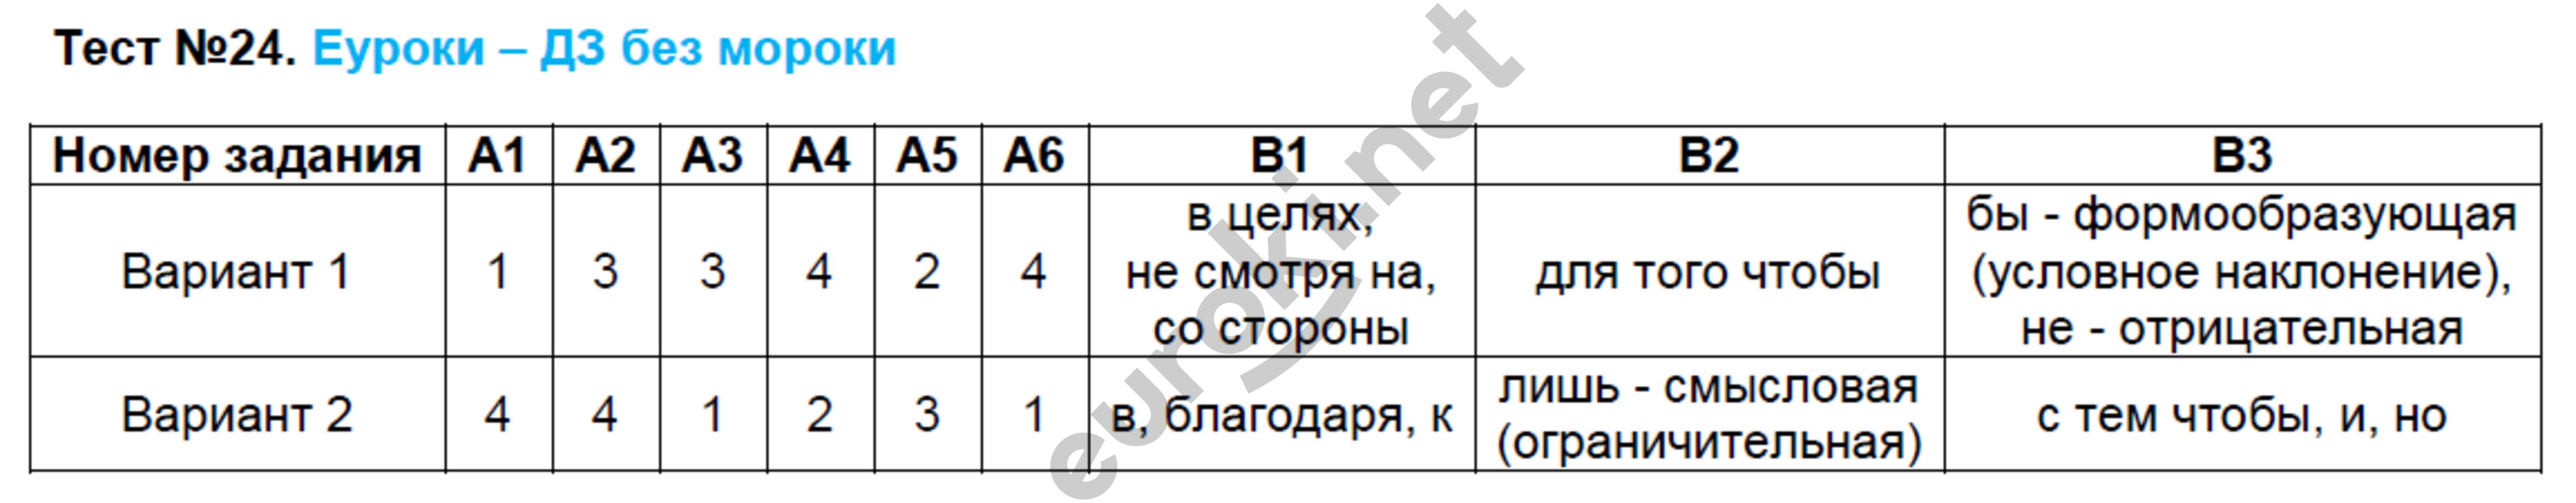 ГДЗ по русскому языку 7 класс контрольно-измерительные материалы Егорова. Задание: Тест 24